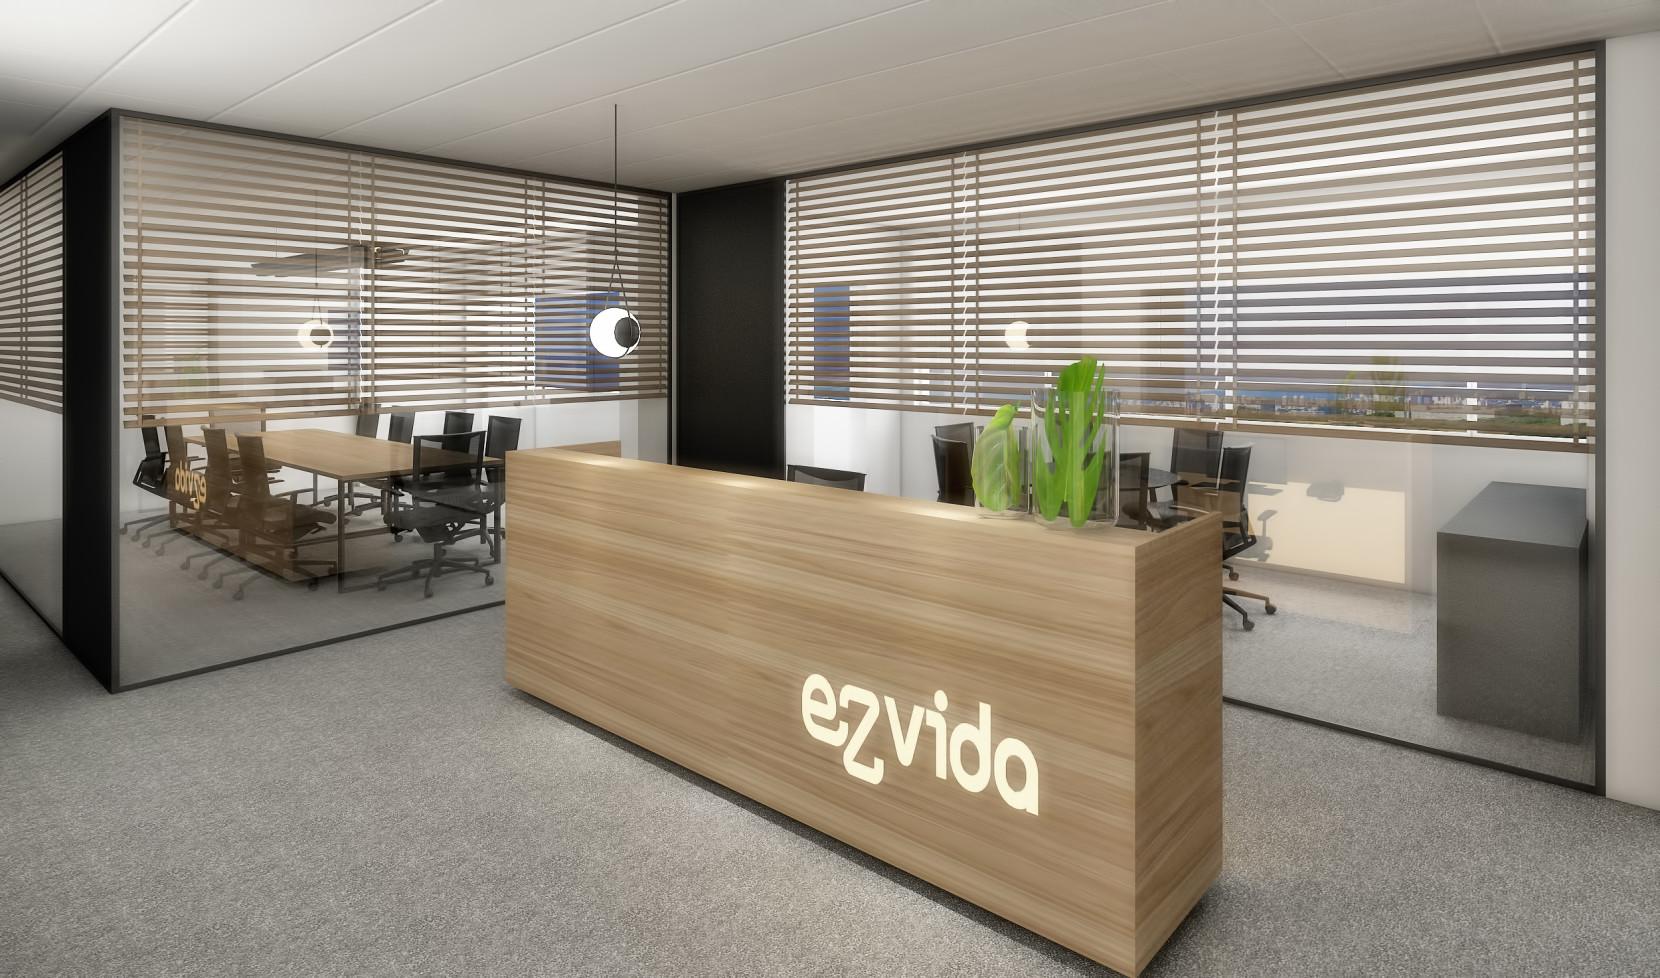 EZVIDA-ESCRITORIO-RECEPCAO-VISTA1-R02